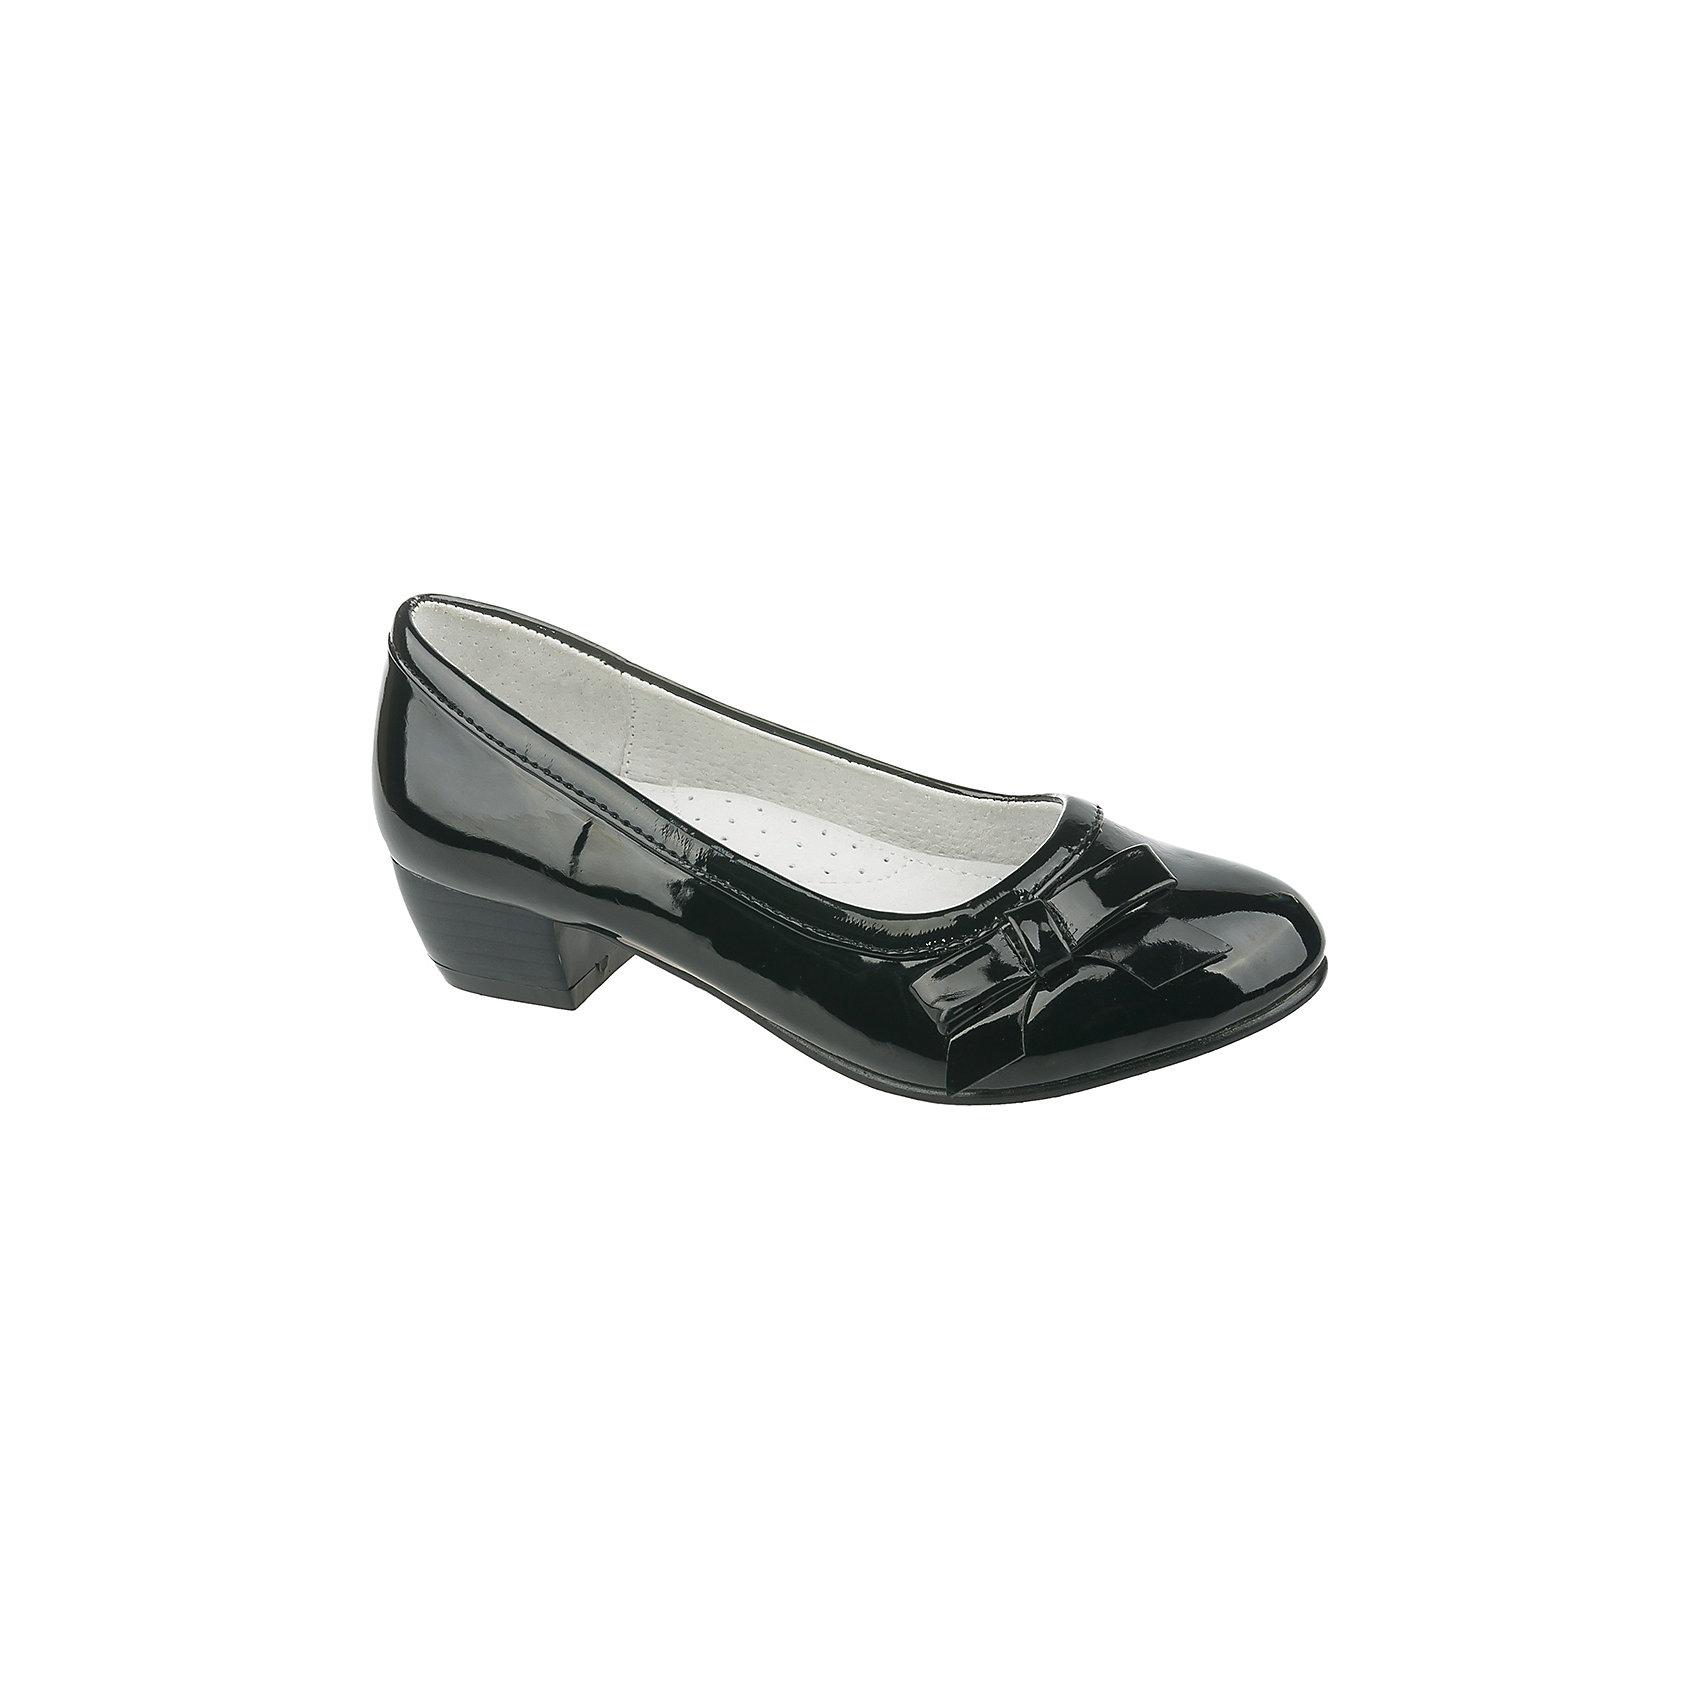 Туфли для девочки MURSUТуфли для девочки от известного финского бренда MURSU - прекрасный вариант как для праздника, так и для повседневной носки. Черные лакированные туфли на небольшом каблуке хорошо смотрятся с любой одеждой, эффектно дополняя образ. Модель декорирована небольшим бантом, имеет подкладку и стельку из натуральной кожи обеспечивающие комфорт, удобство и гигиеничность. <br><br>Дополнительная информация:<br><br>- Цвет: черный (лак).<br>- Тип застежки: без застежки.<br>- Декоративные элементы: бант. <br><br>Состав:<br><br>- Материал верха: искусственная кожа.<br>- Материал подкладки: натуральная кожа.<br>- Материал подошвы: TEP.<br>- Материал стельки: натуральная кожа.<br><br>Туфли для девочки MURSU (Мурсу), можно купить в нашем магазине.<br><br>Ширина мм: 227<br>Глубина мм: 145<br>Высота мм: 124<br>Вес г: 325<br>Цвет: черный<br>Возраст от месяцев: 84<br>Возраст до месяцев: 96<br>Пол: Женский<br>Возраст: Детский<br>Размер: 32,35,36,33,34,31<br>SKU: 4195796